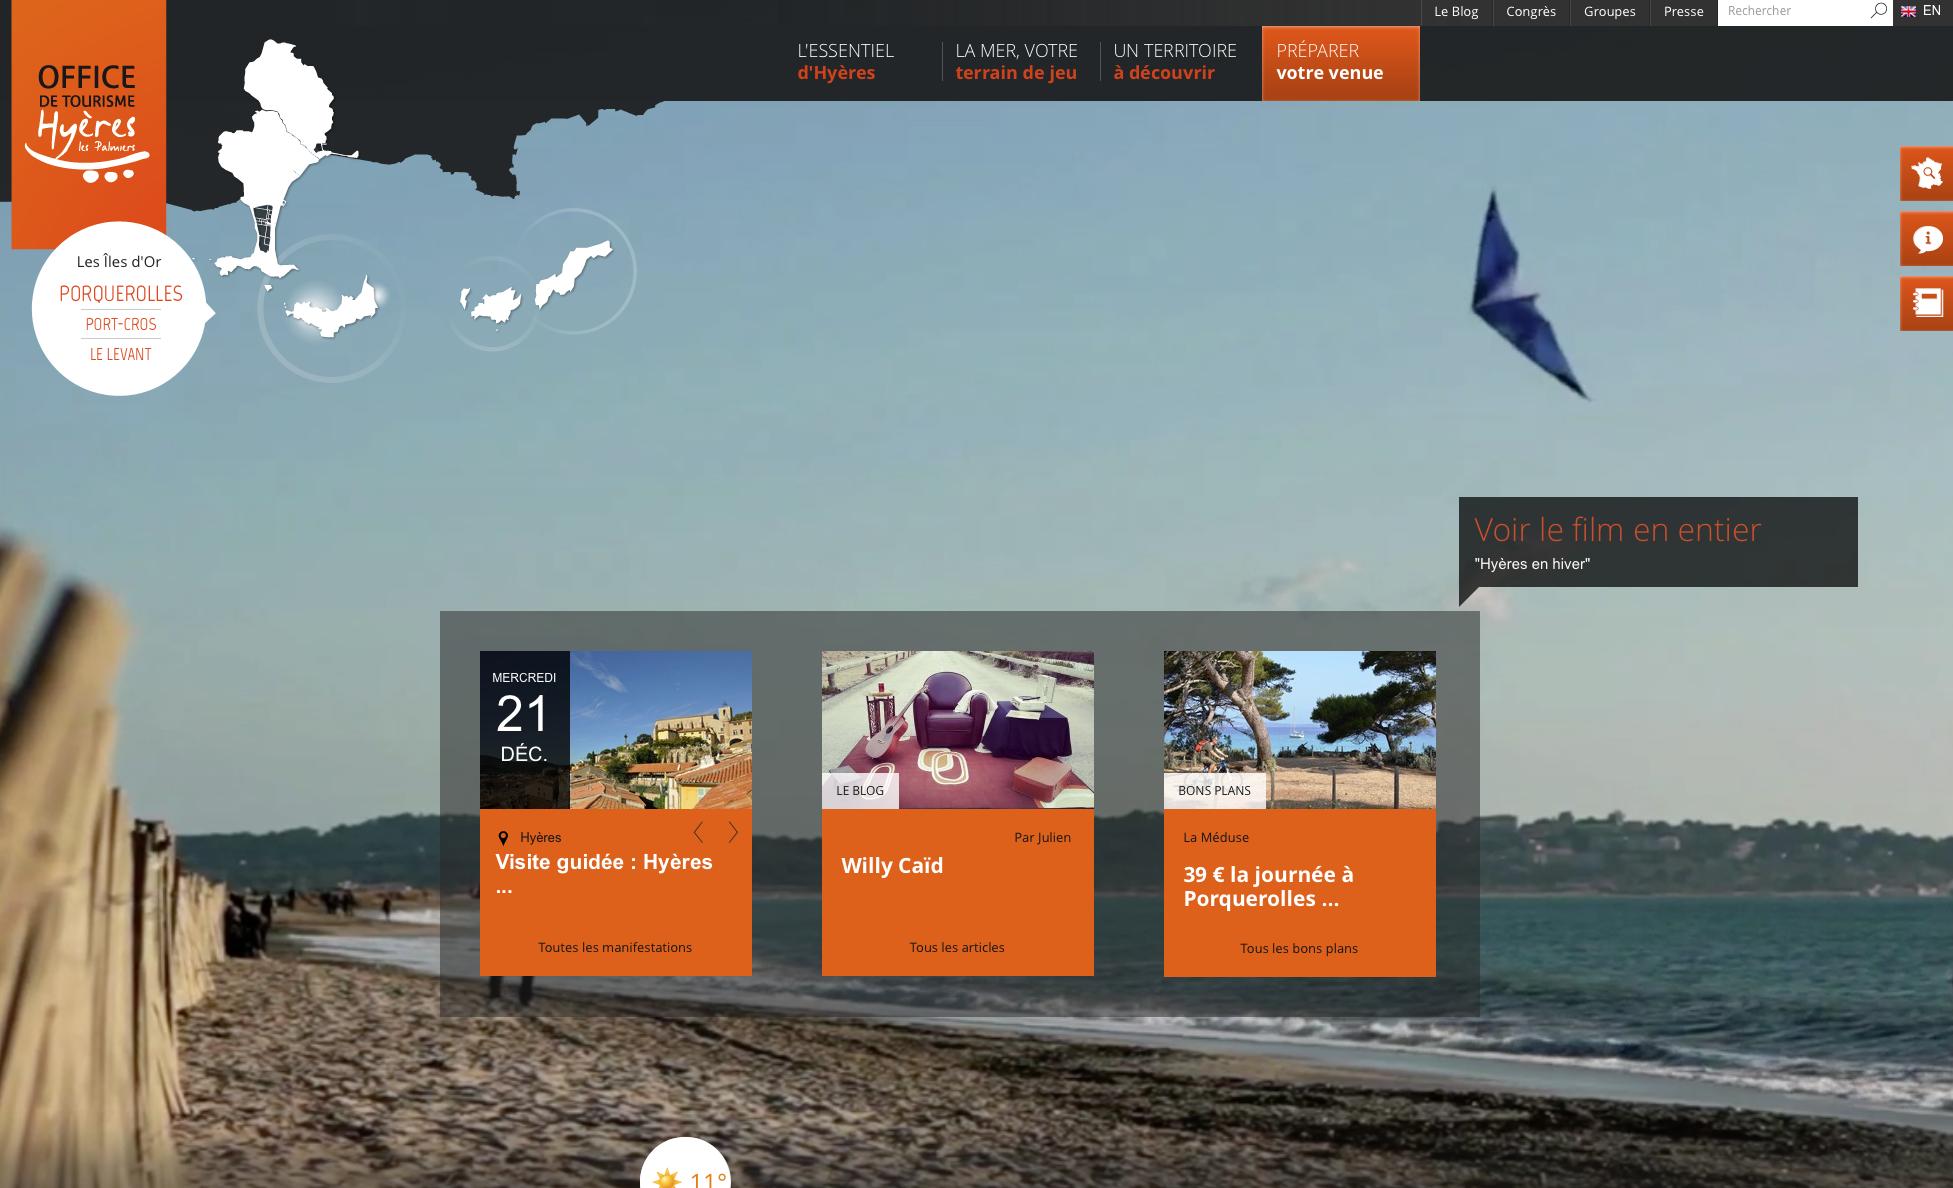 Traduction touristique pour l 39 office du tourisme d 39 hy res atenao - Office du tourisme hyeres ...